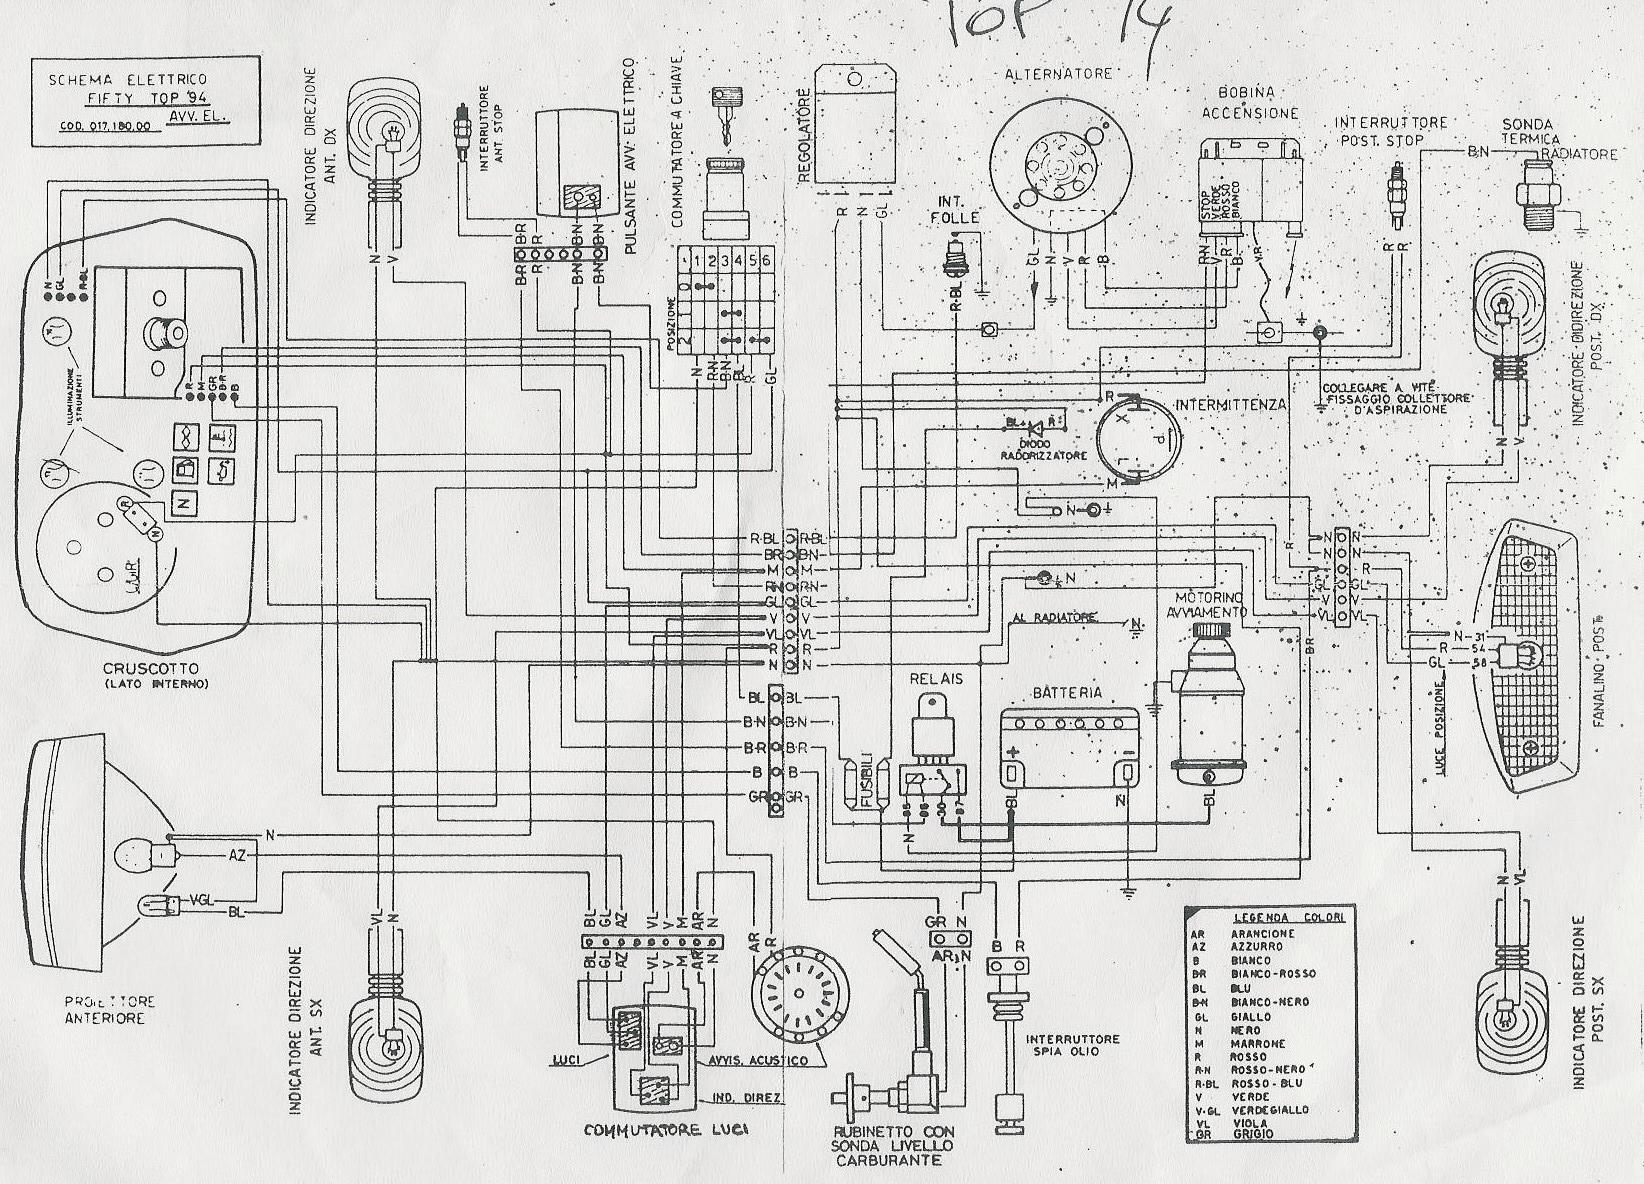 Schema Elettrico Zip : Utilizzare un interruttore al posto delle chiavi